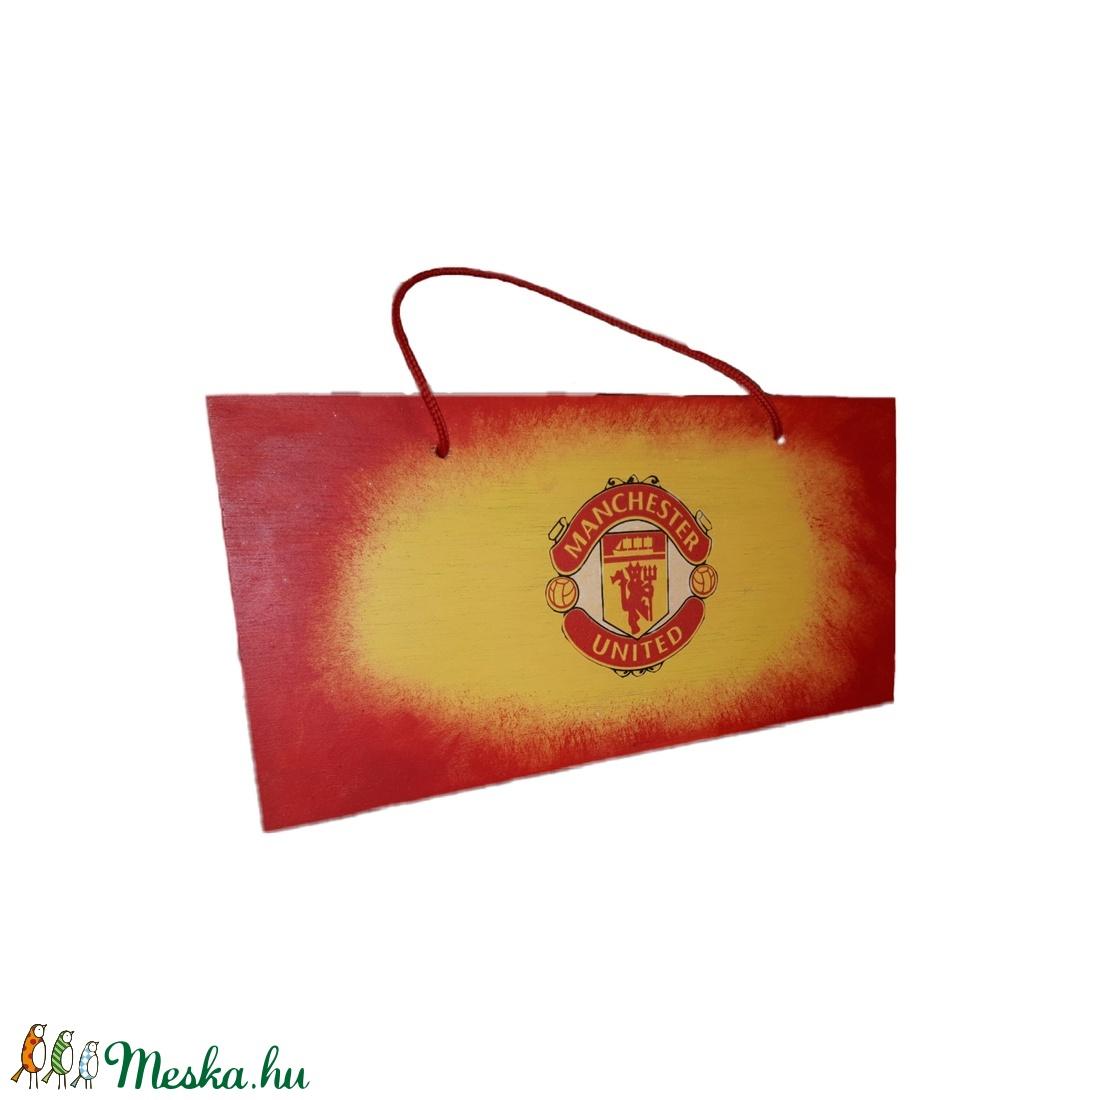 Manchester United  fa fluroeszkáló ajtó tábla, kopogtató, ajtódísz, falidísz, emléktábla futball rajongói ajándék - otthon & lakás - dekoráció - ajtódísz & kopogtató - Meska.hu